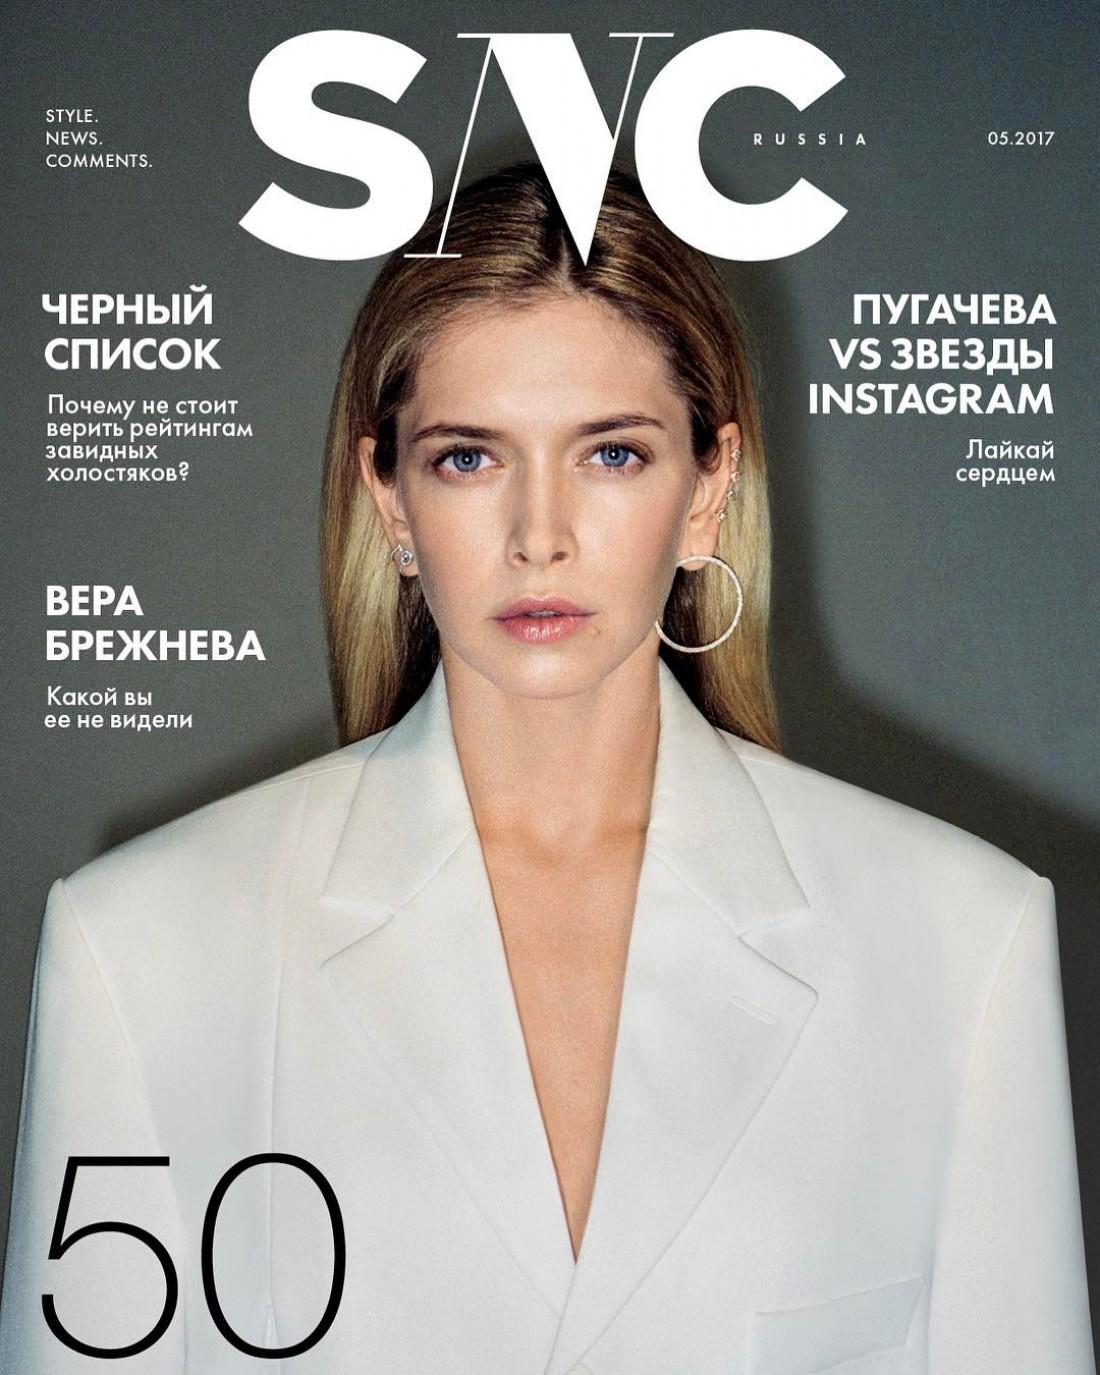 Брежнева на обложке журнала